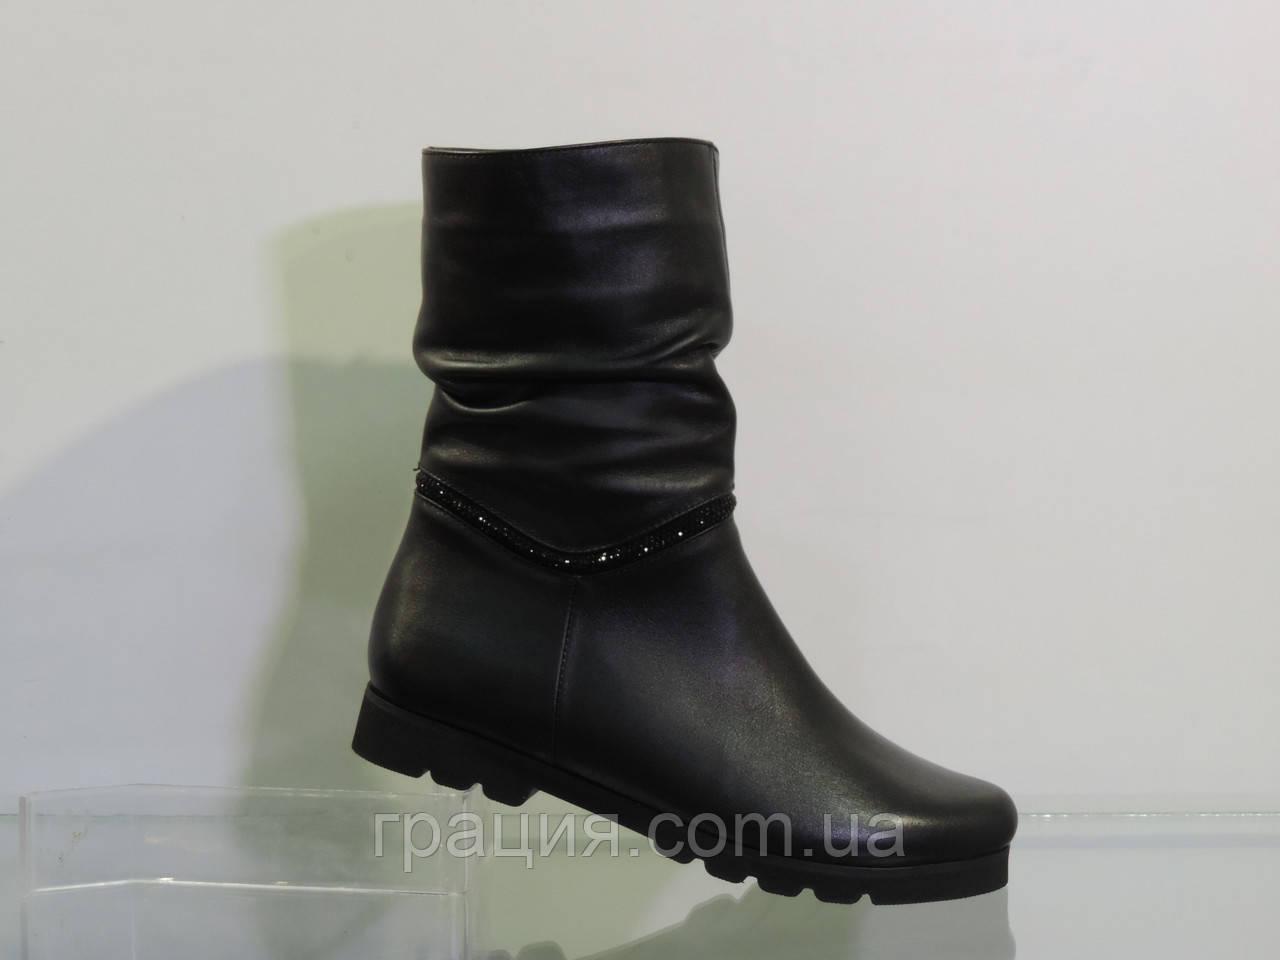 Ботинки молодежные кожаные зимние